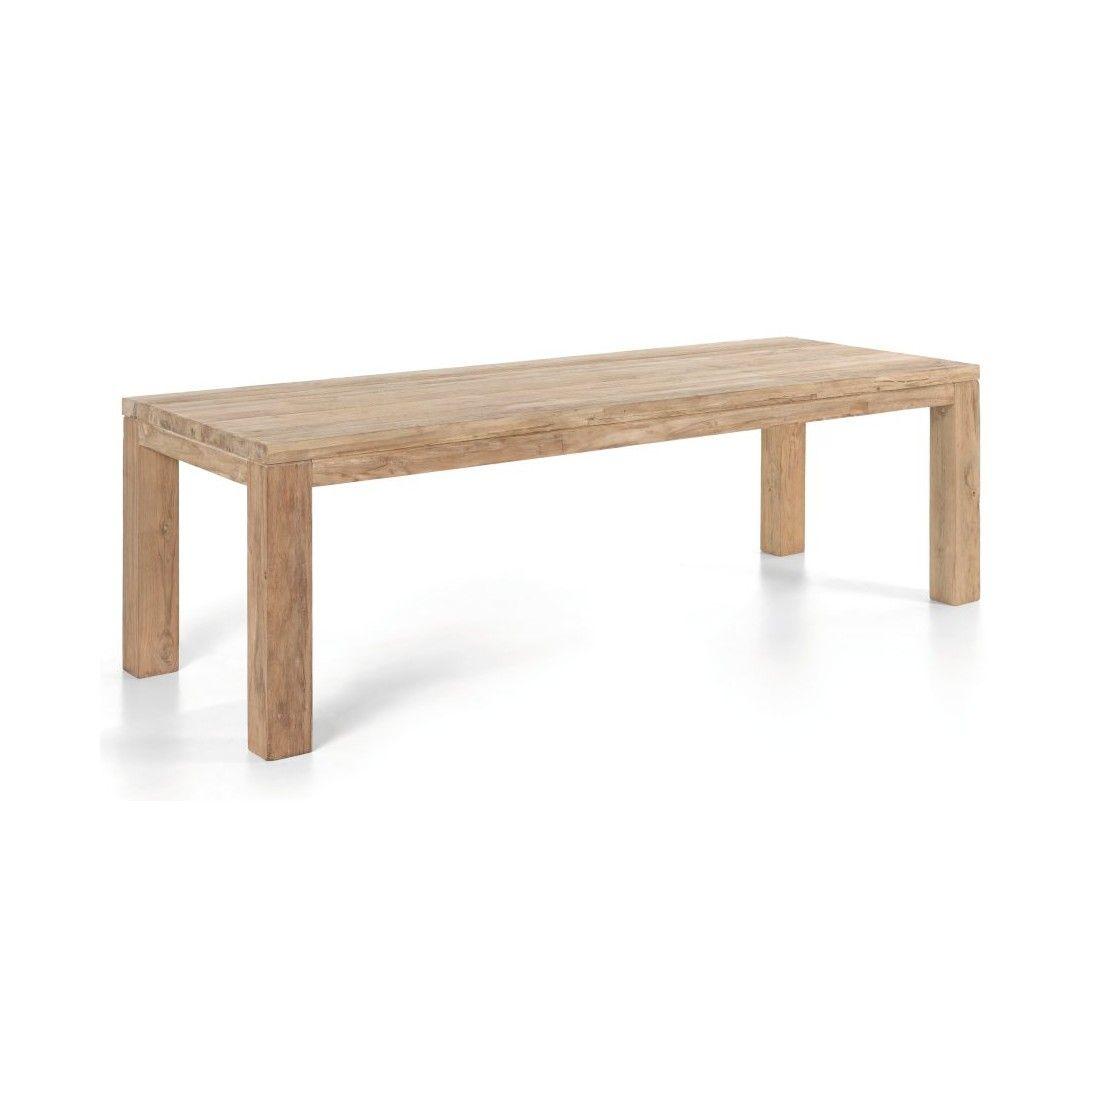 Table rectangulaire en vieux Teck massif, modèle Primitive